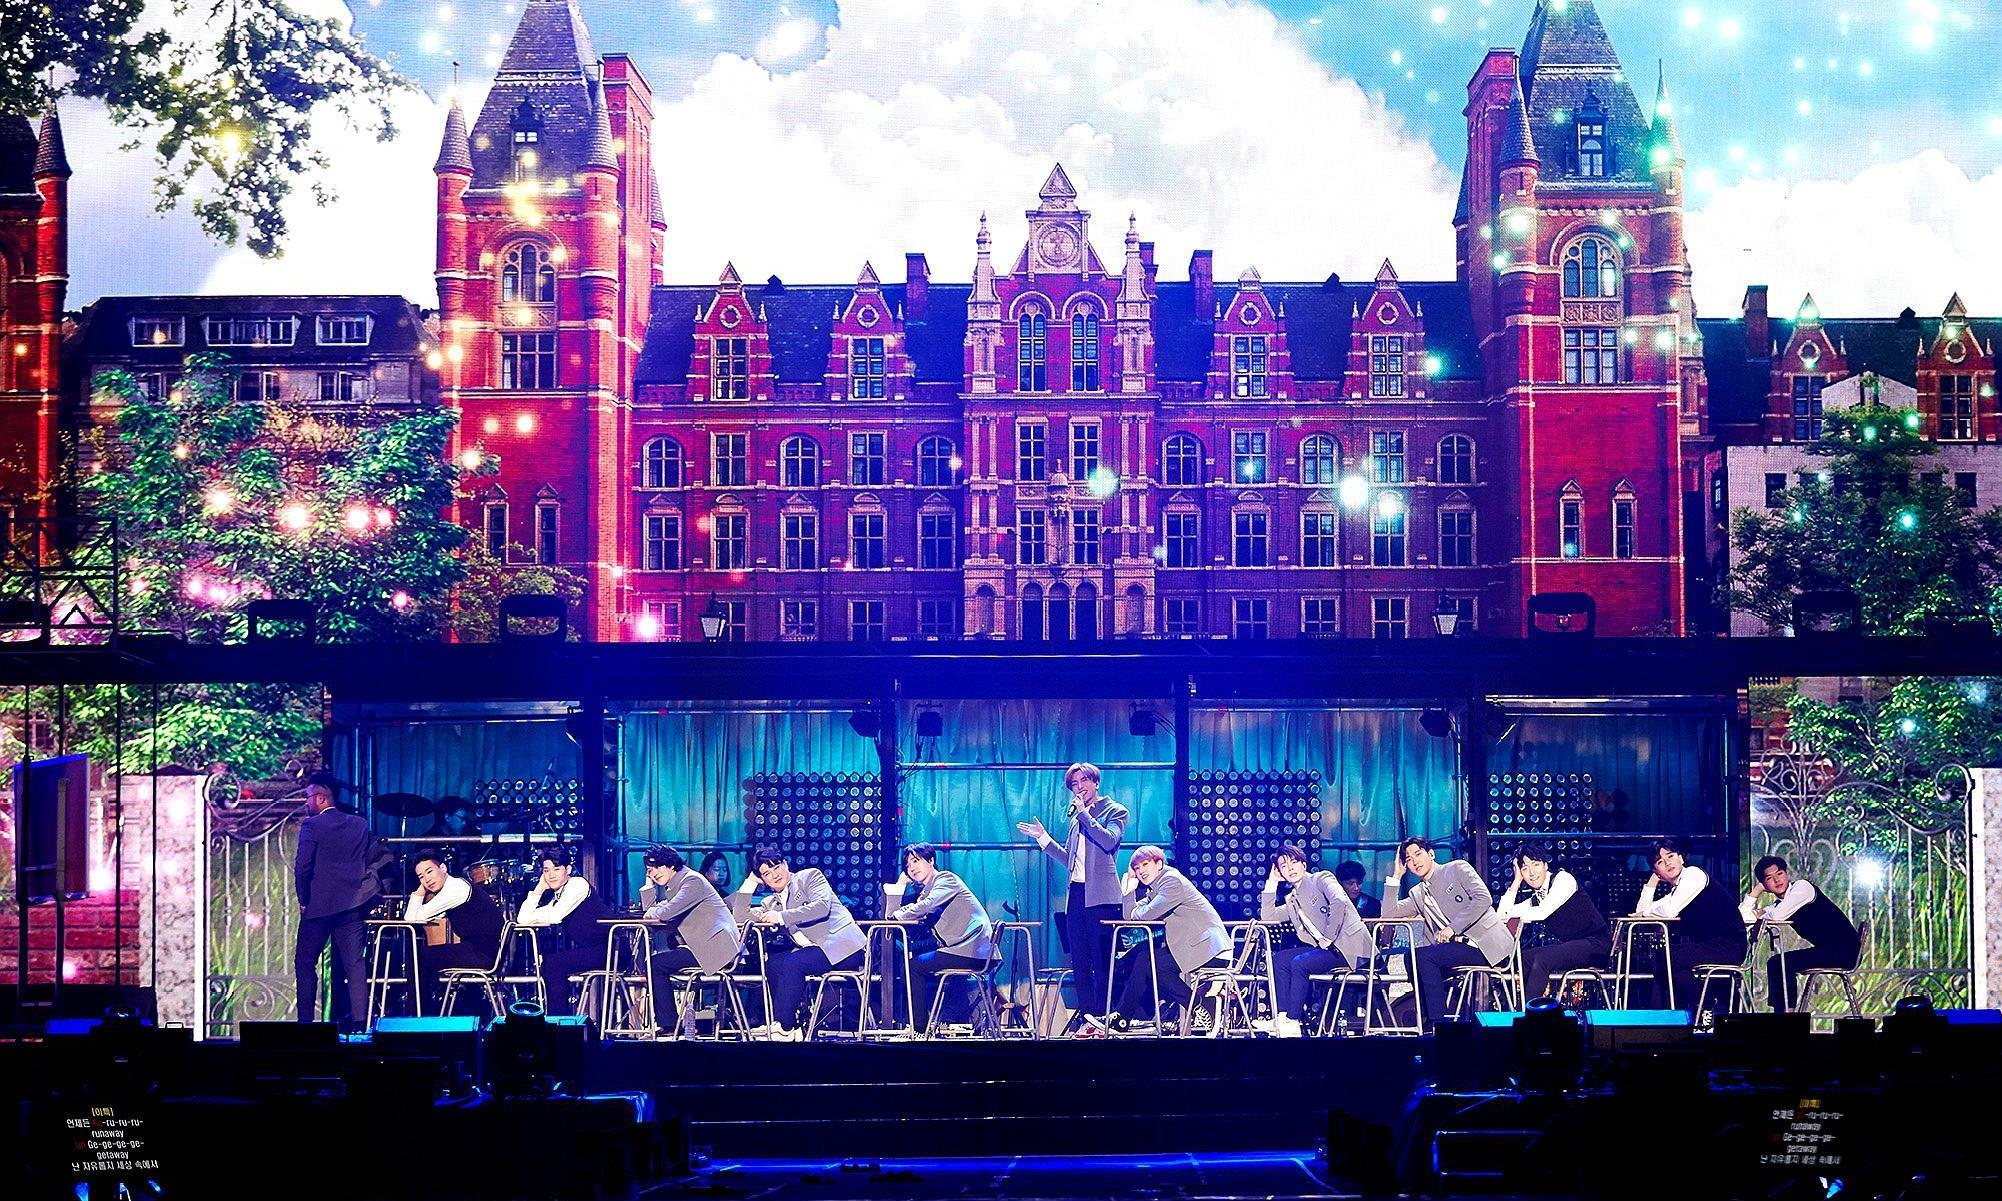 他们出道时磨难不断,更是唱着翻唱曲亮相,却成公认的顶级男团!